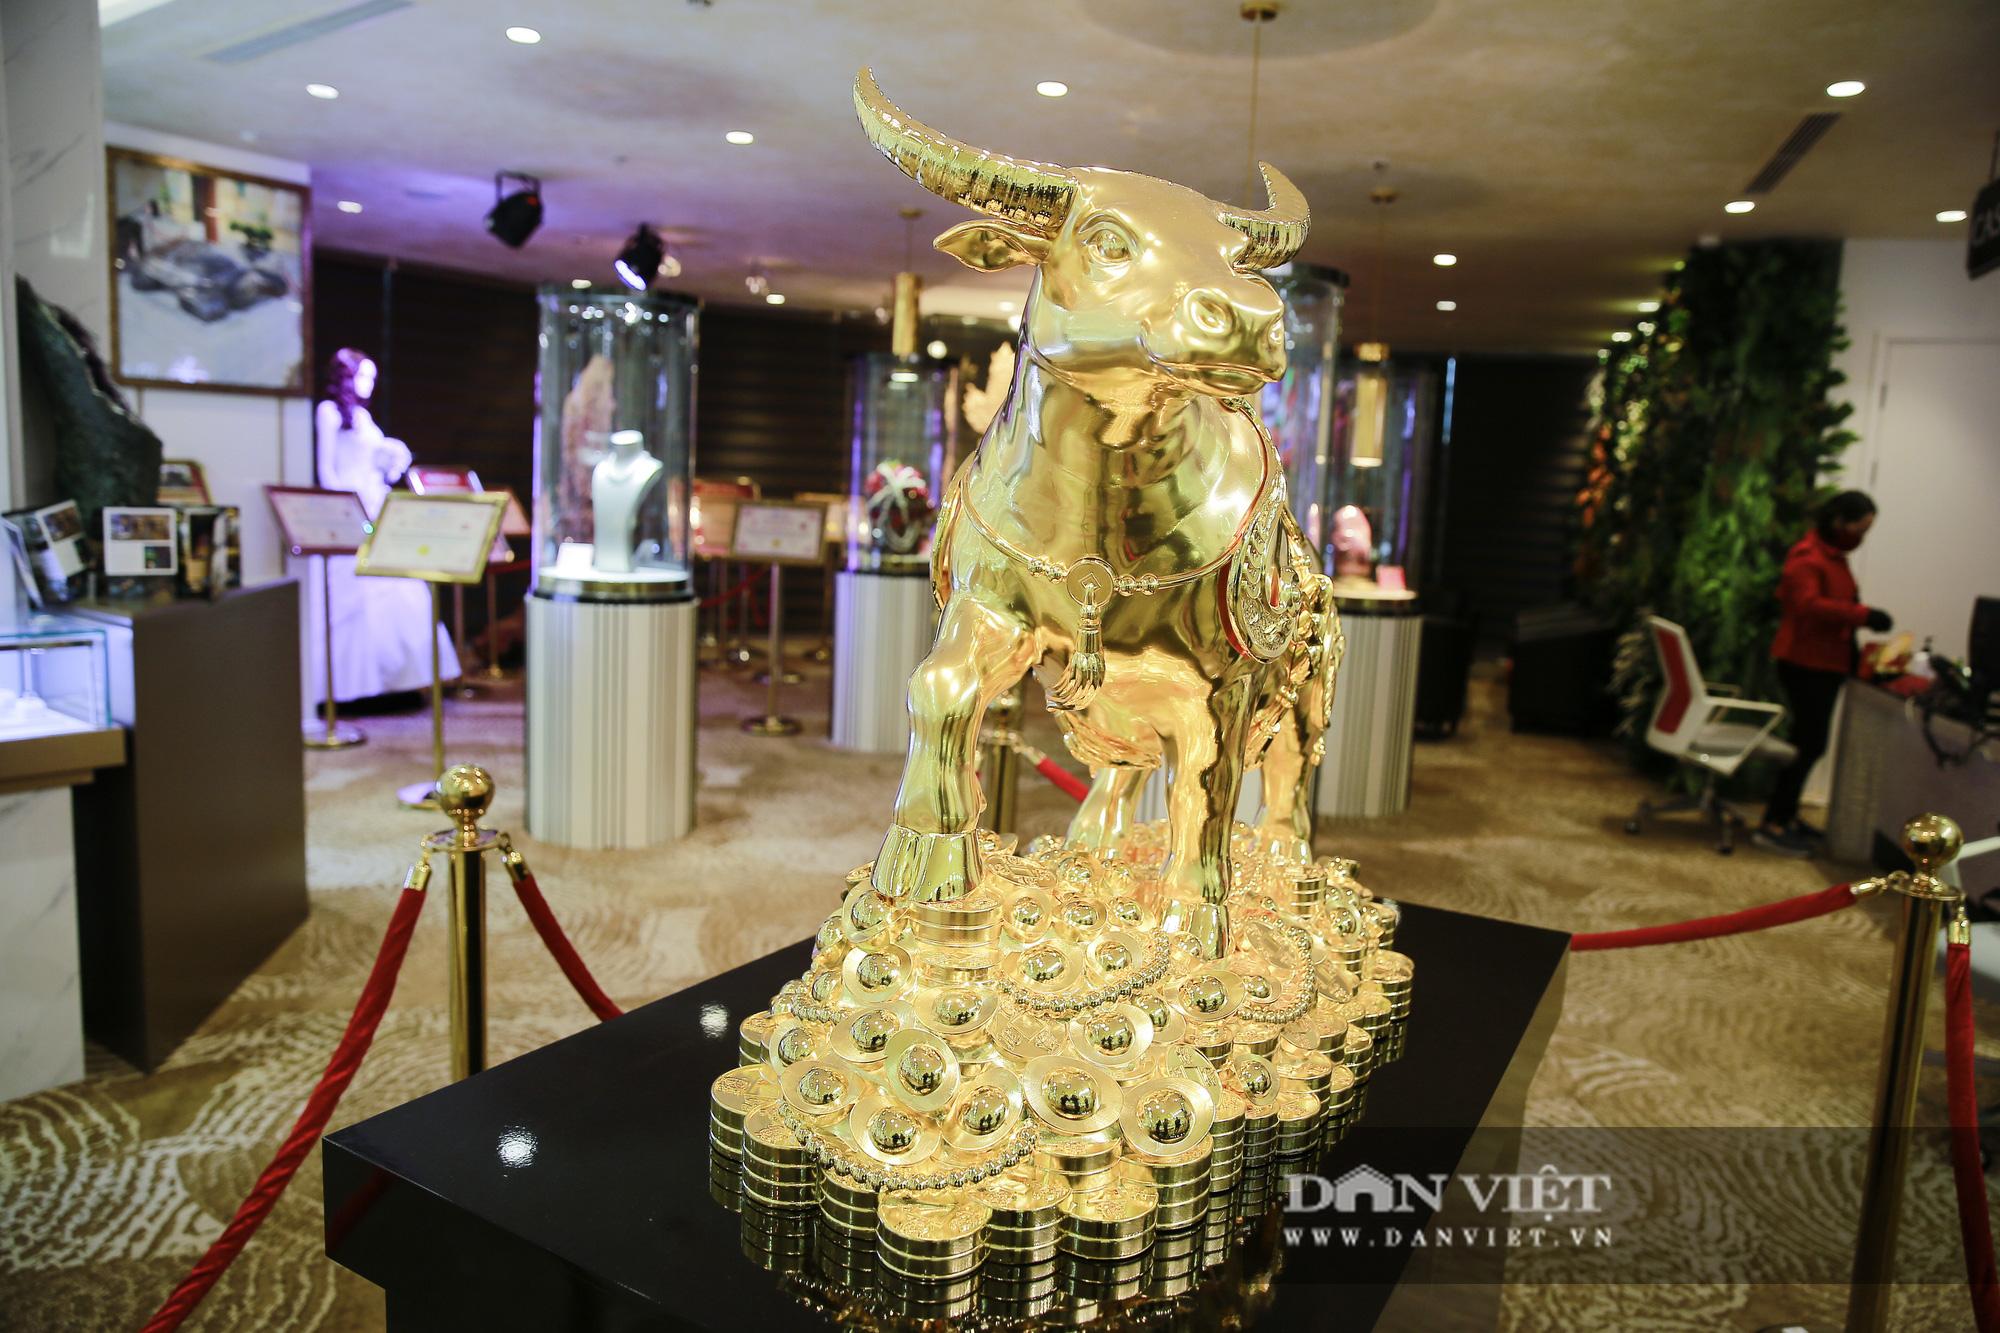 """Chiêm ngưỡng """"Kim Ngưu Vương Bảo"""" đúc từ 530 cây vàng trị giá 38 tỷ đồng - Ảnh 7."""